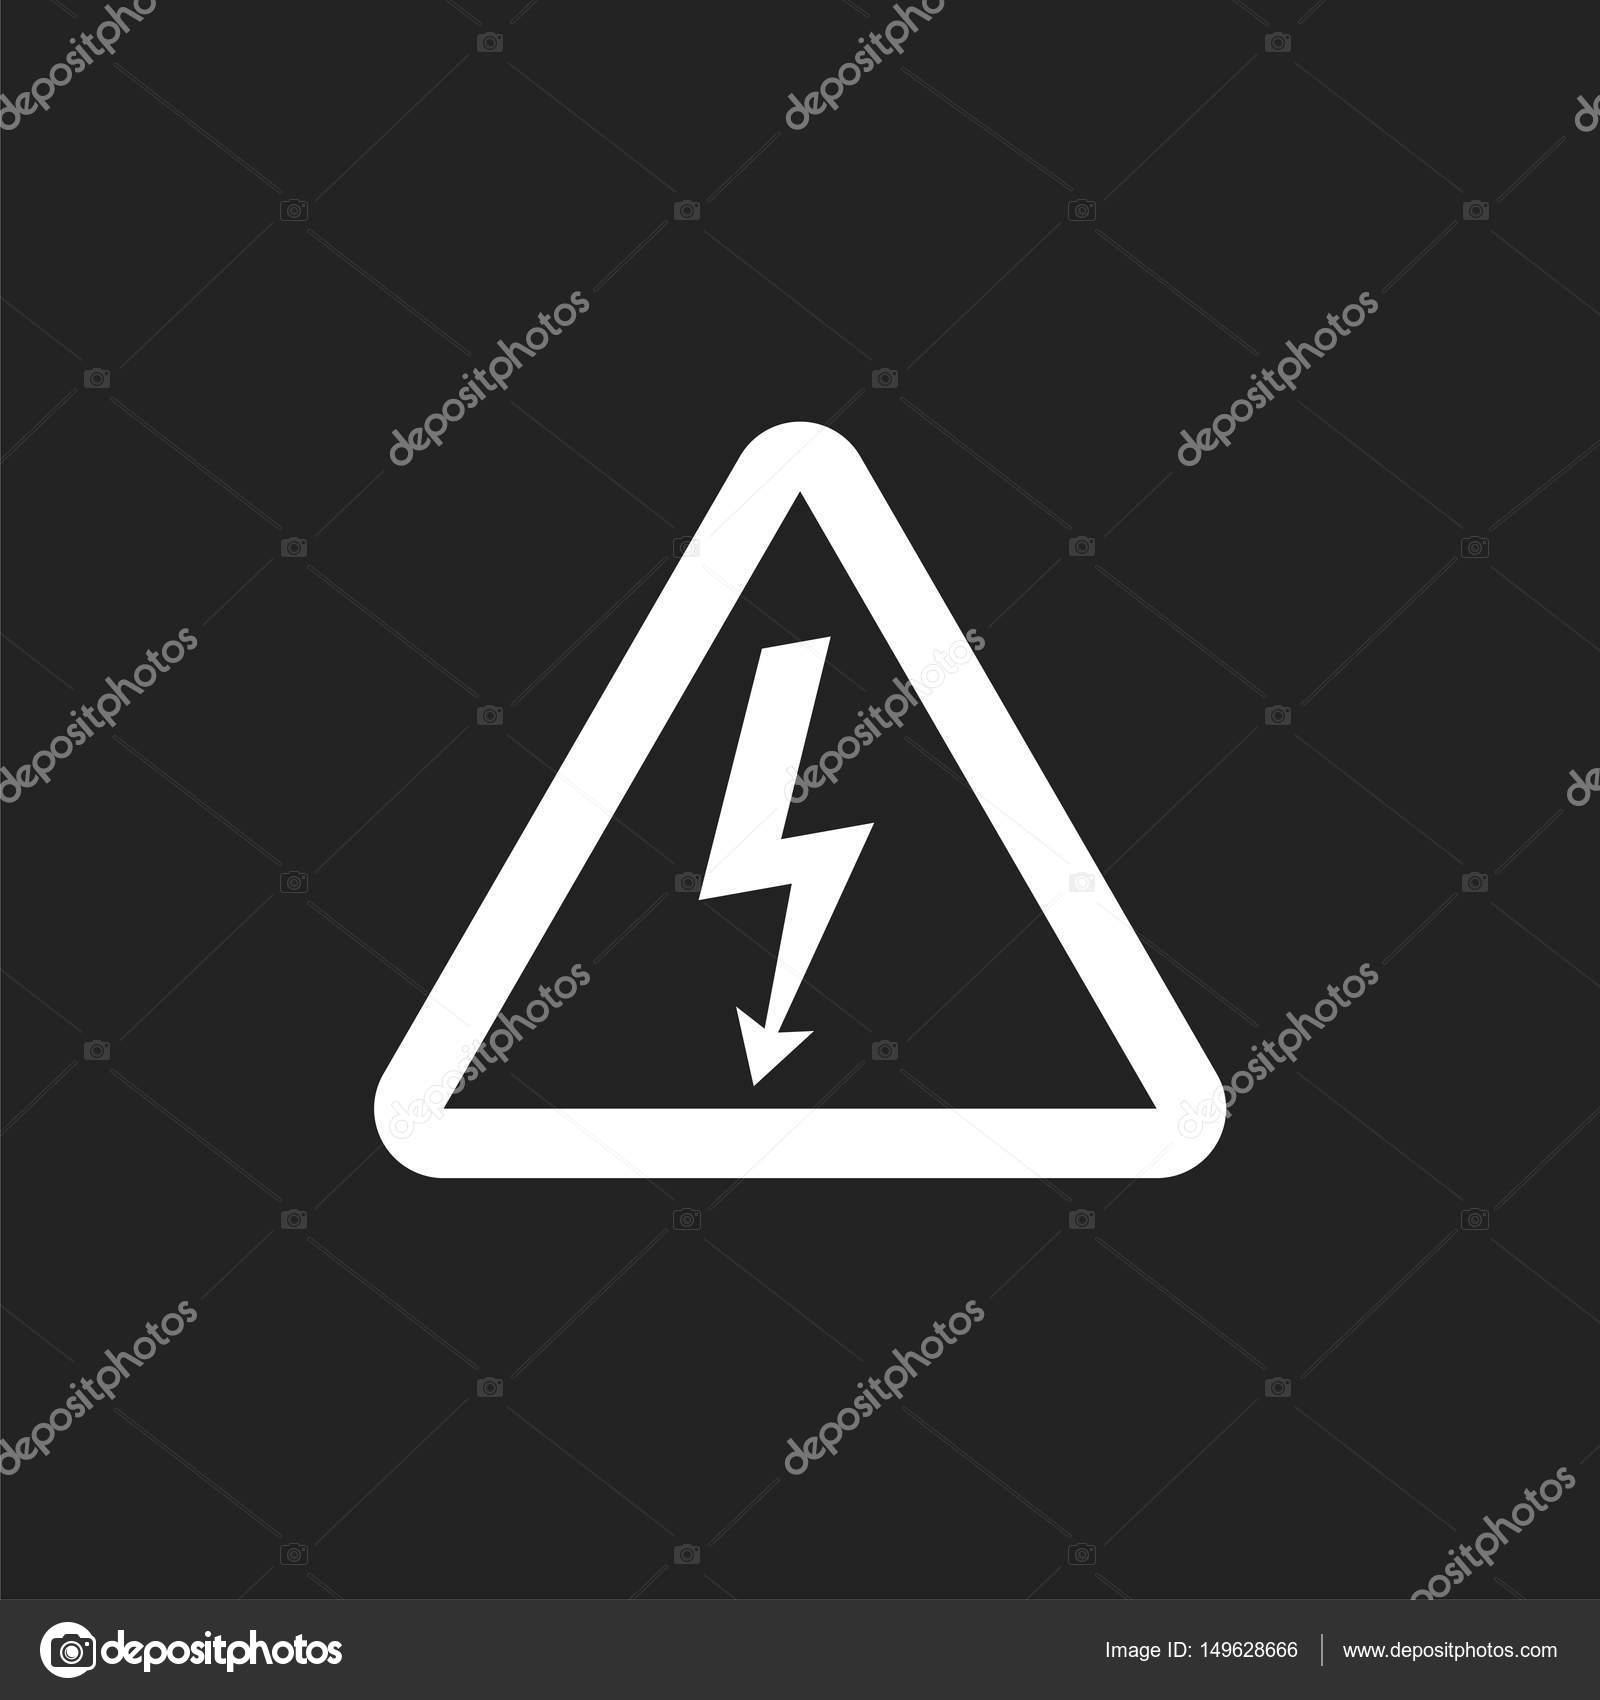 Hohe Spannung Gefahr Zeichen Symbol. Gefahr-Strom-Vektor ...